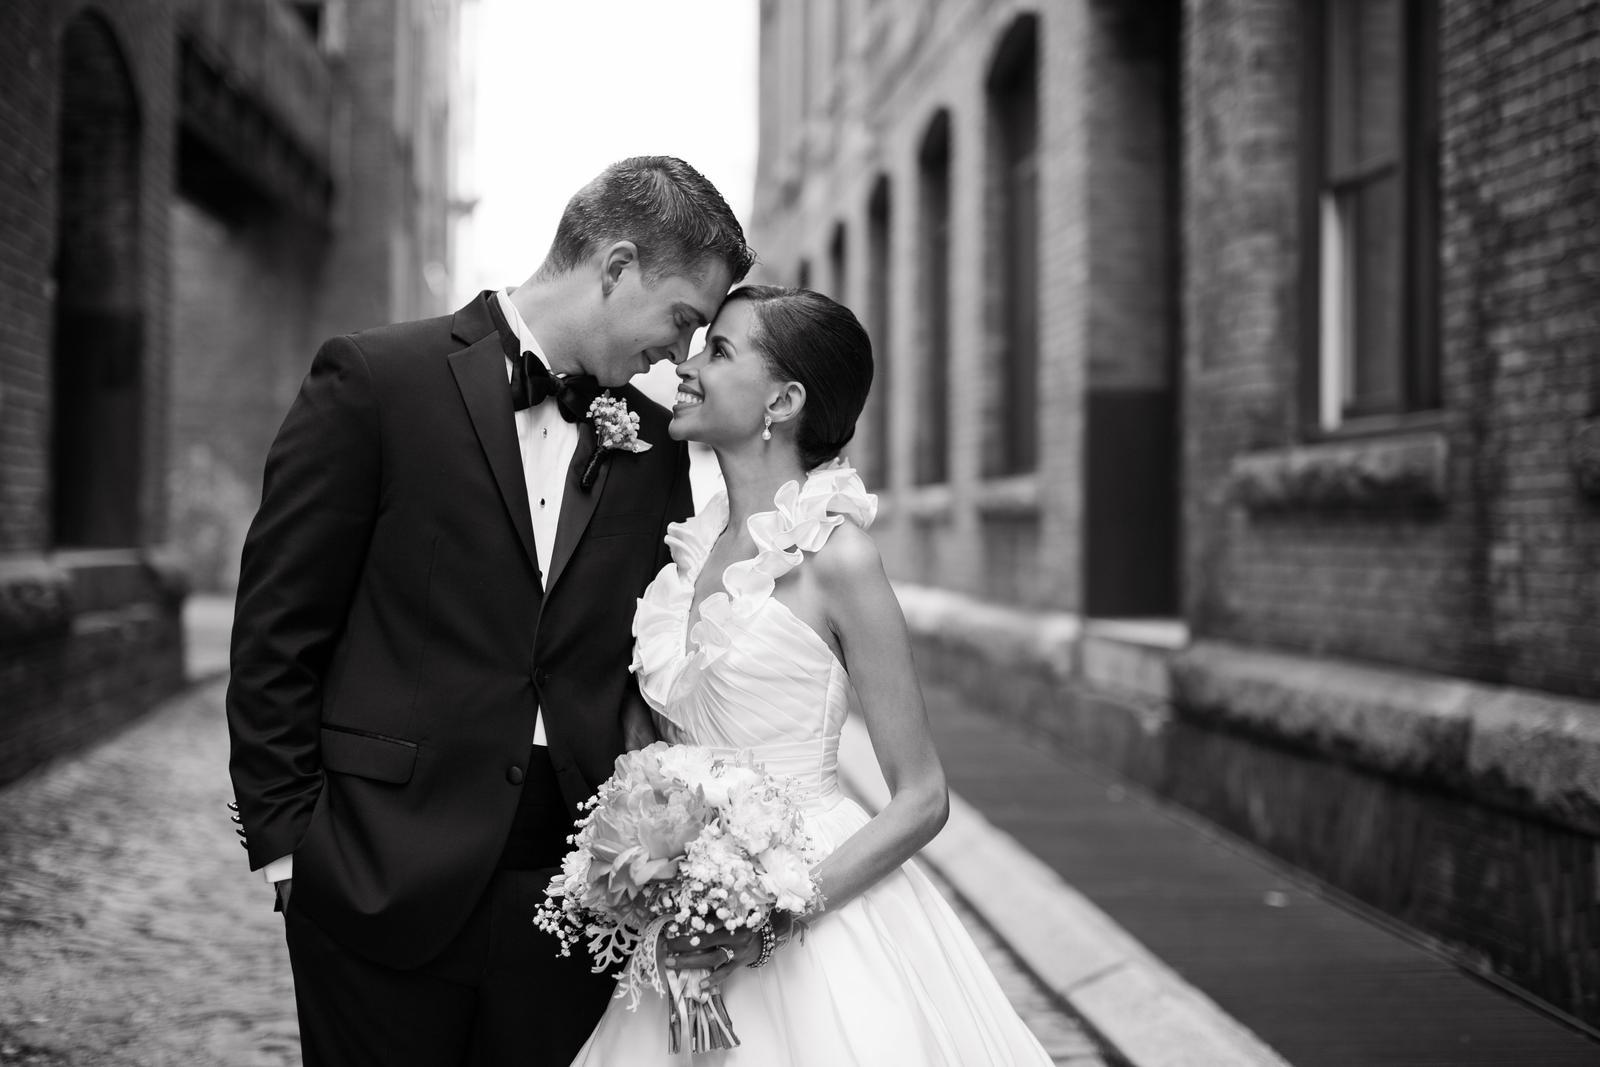 Wedding photo ideas - Obrázok č. 20